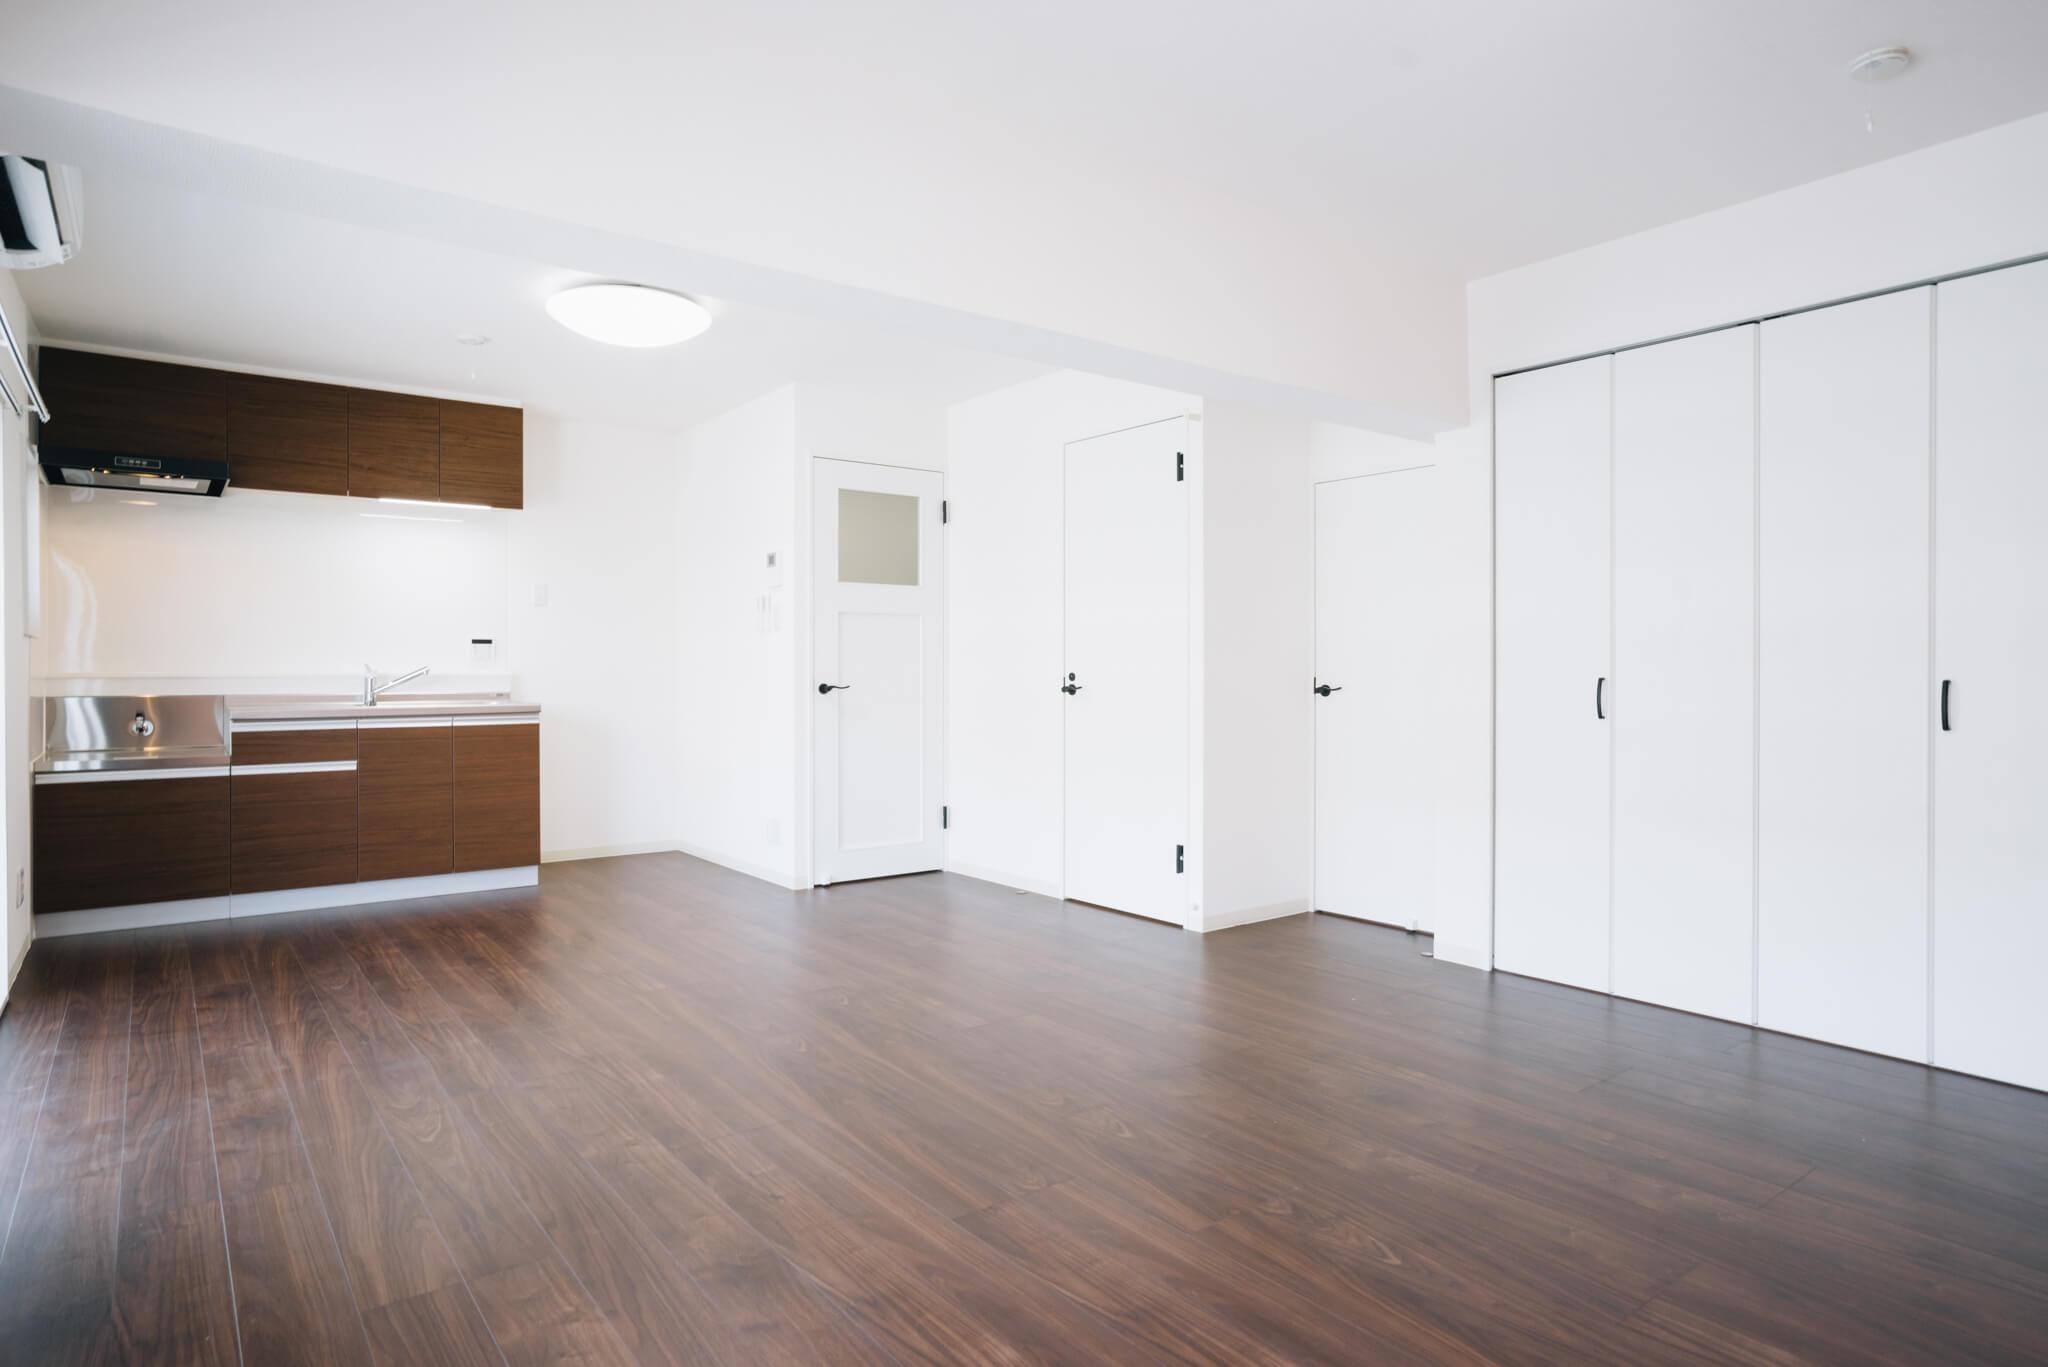 建物はもともとのものを活かしつつ、室内はフルリノベーション。気になるキッチン、洗面所、お風呂などの水回りや、内装もシンプルで刷新されているので、リノベーションならではの手ごろな家賃で、でも気持ちよく住めるのも嬉しいところ。